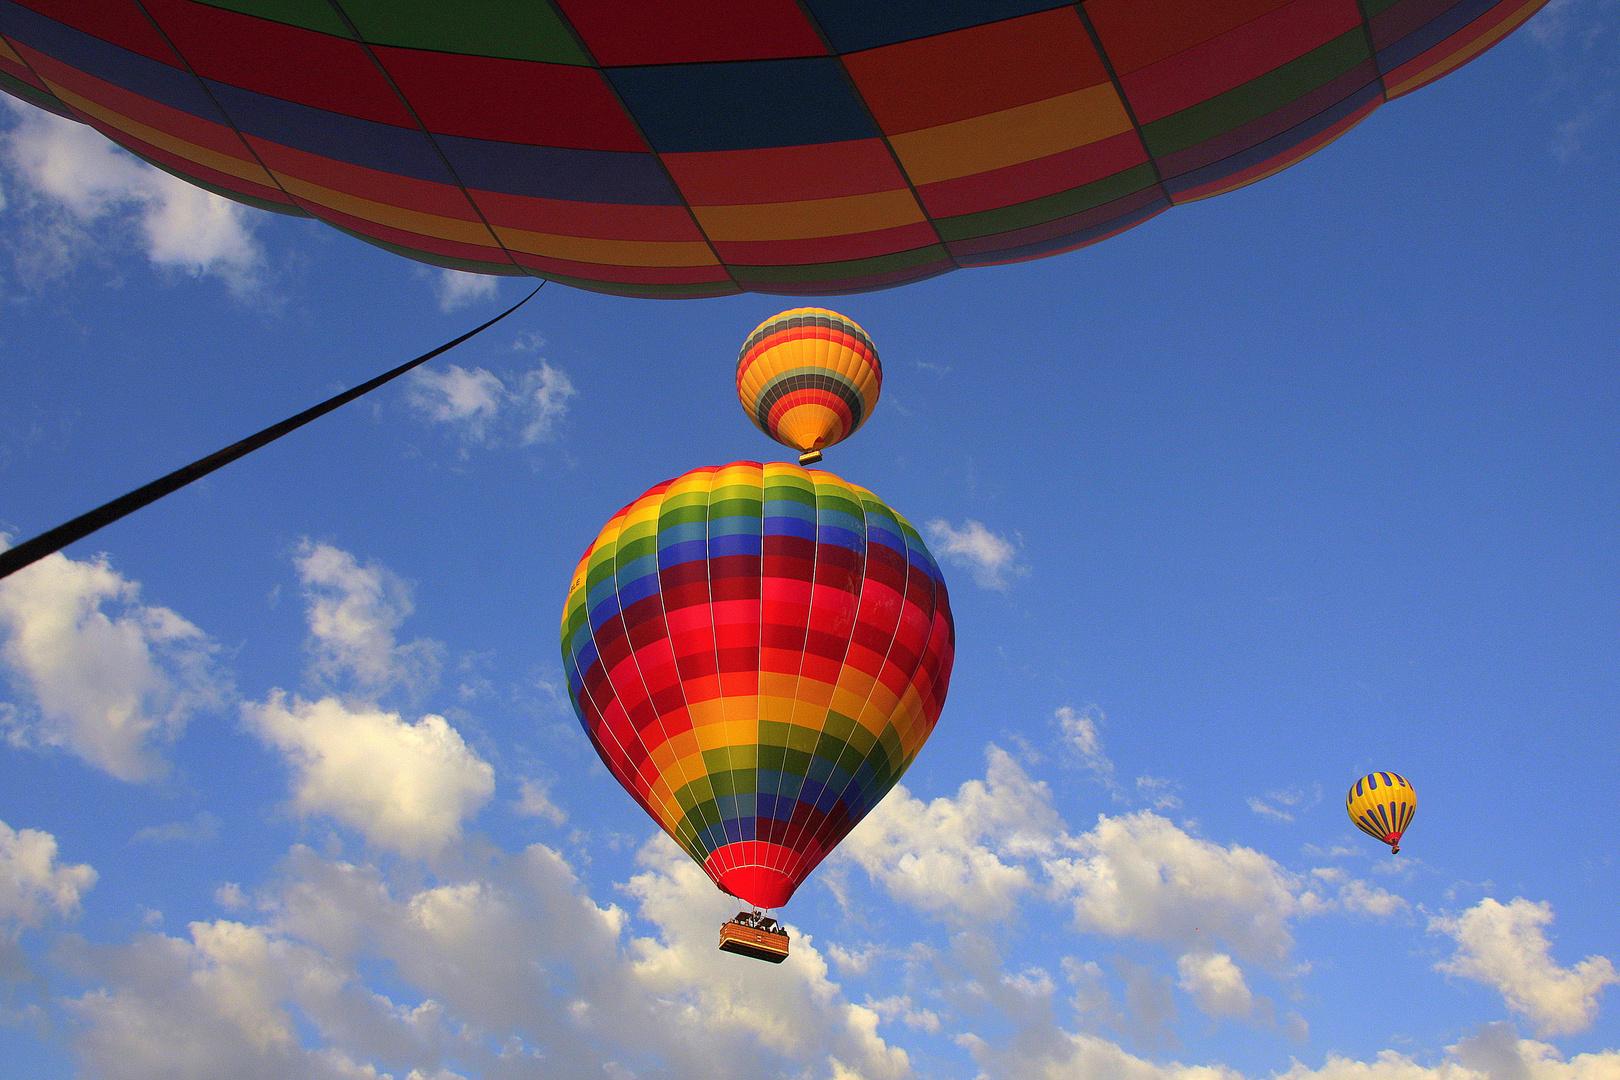 Im fahrenden Ballon